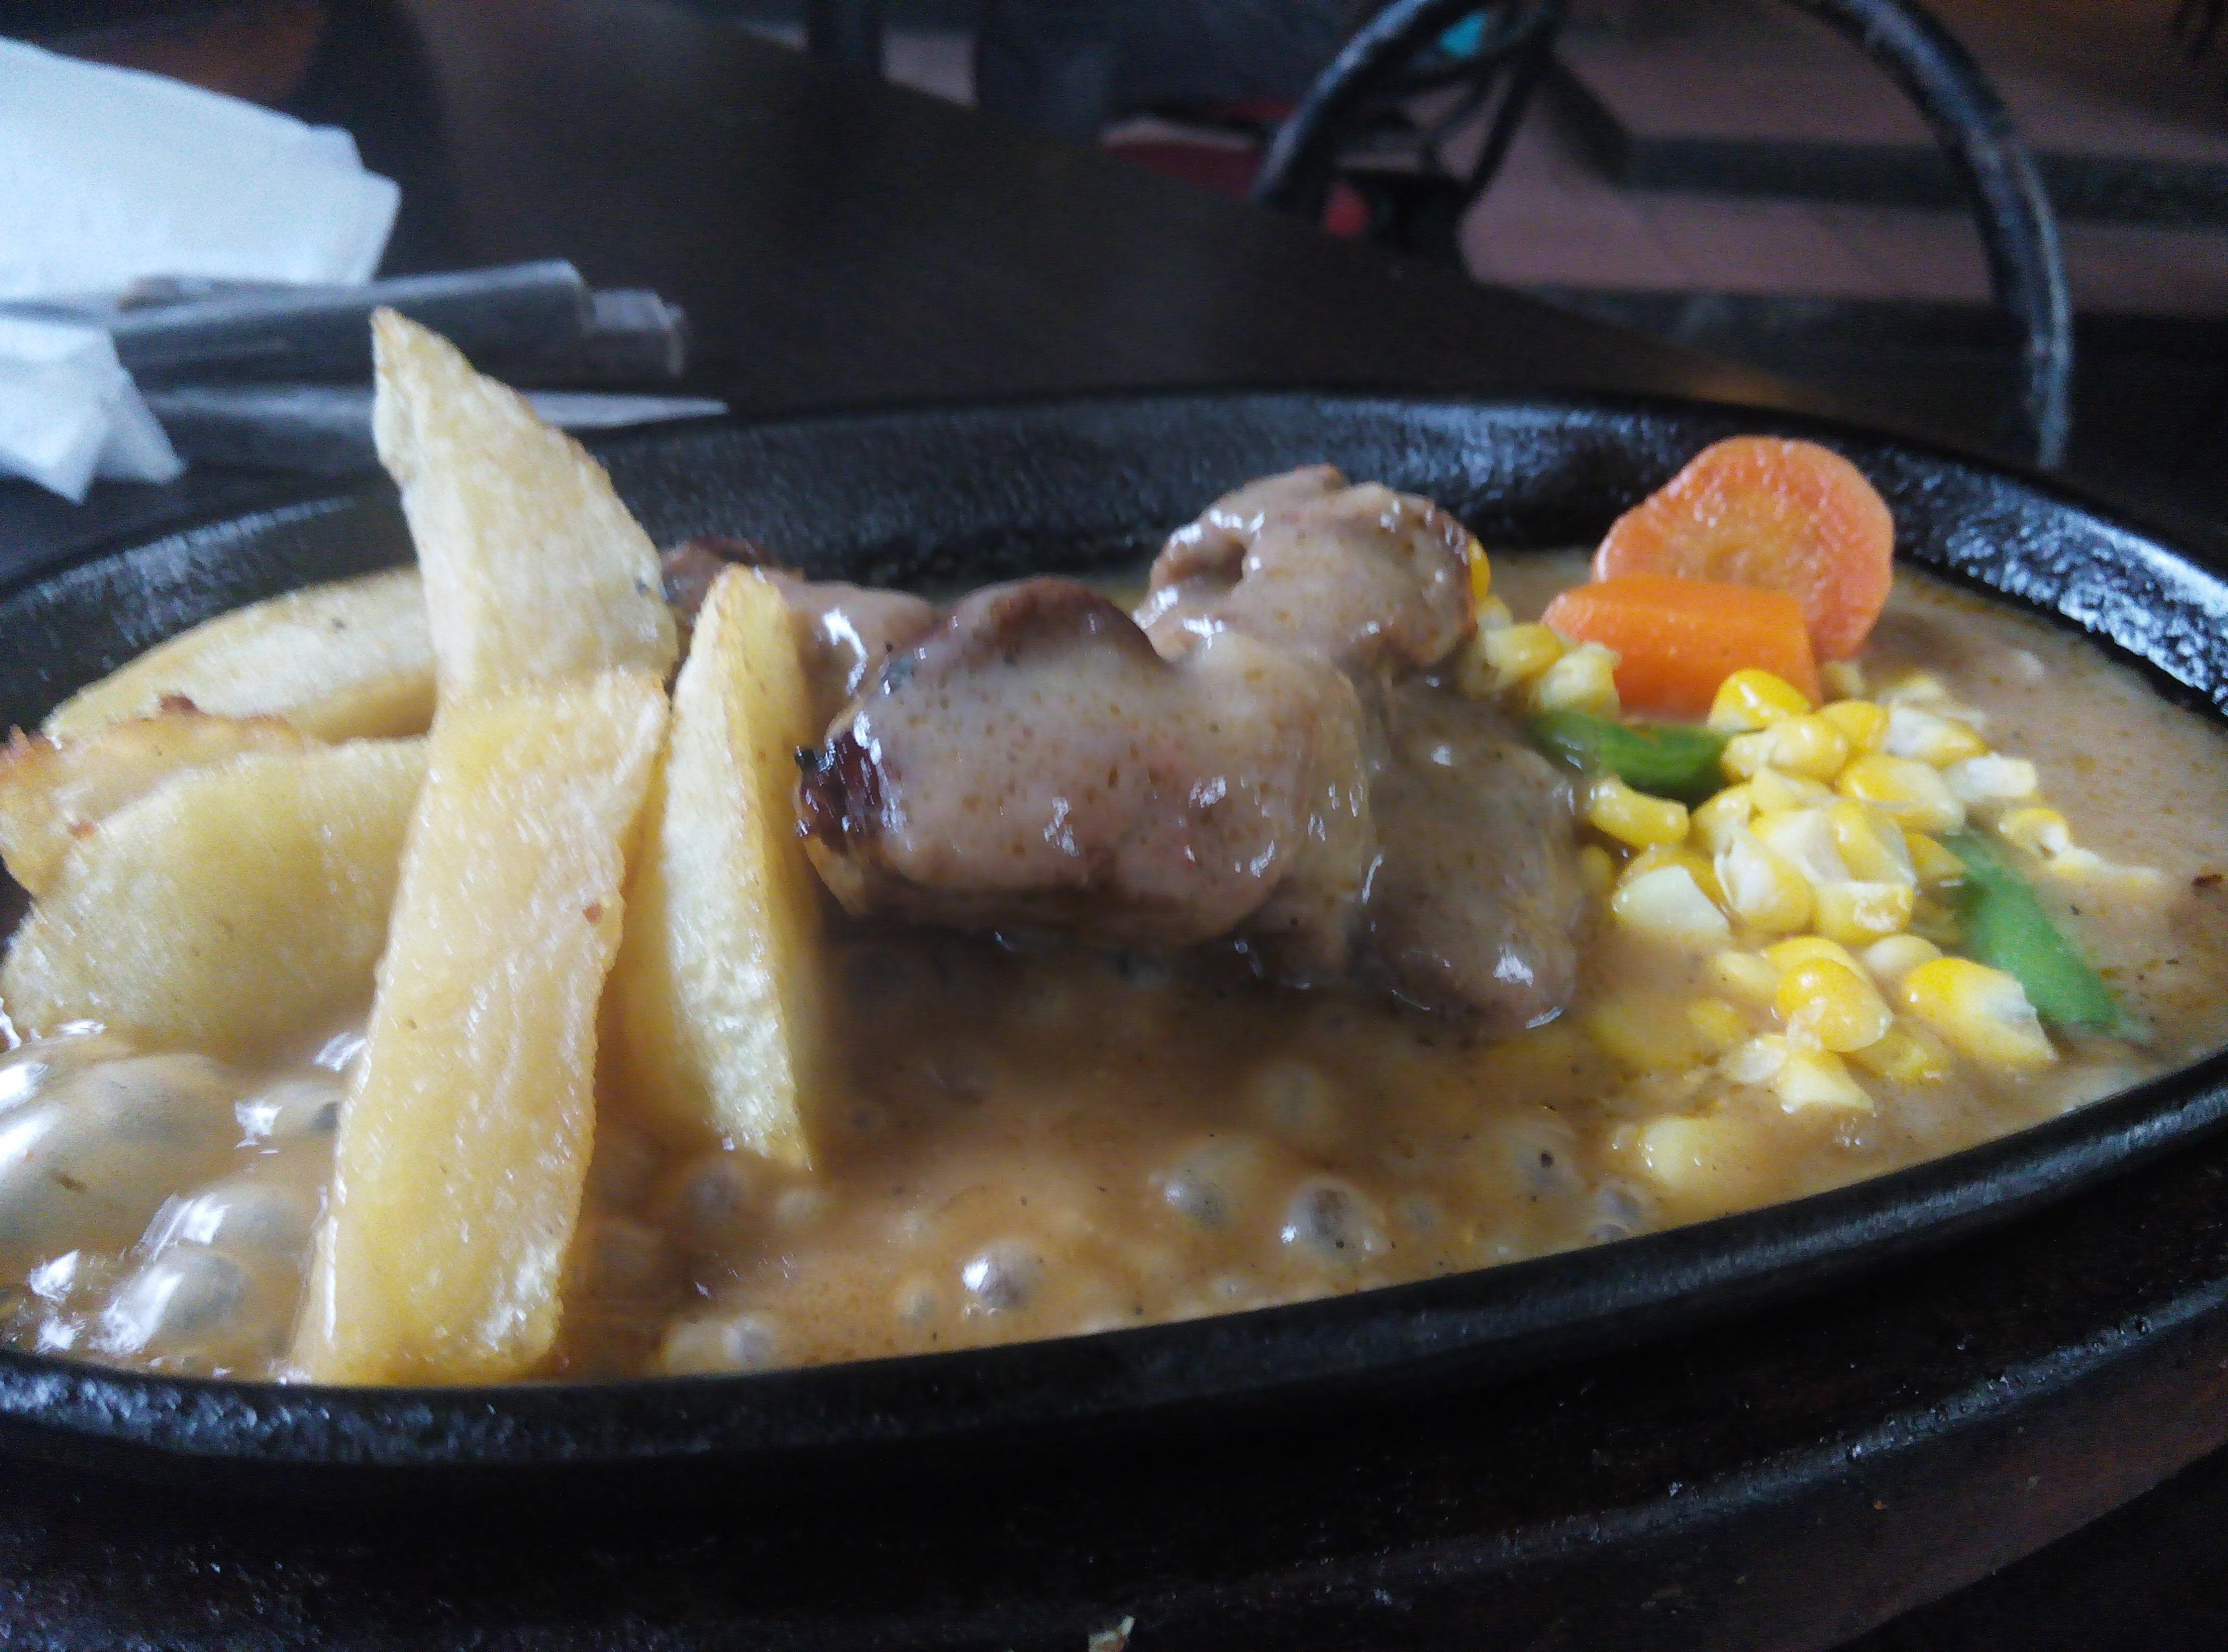 Double Steak Burangrang Bandung Info Alamat Peta No Telepon